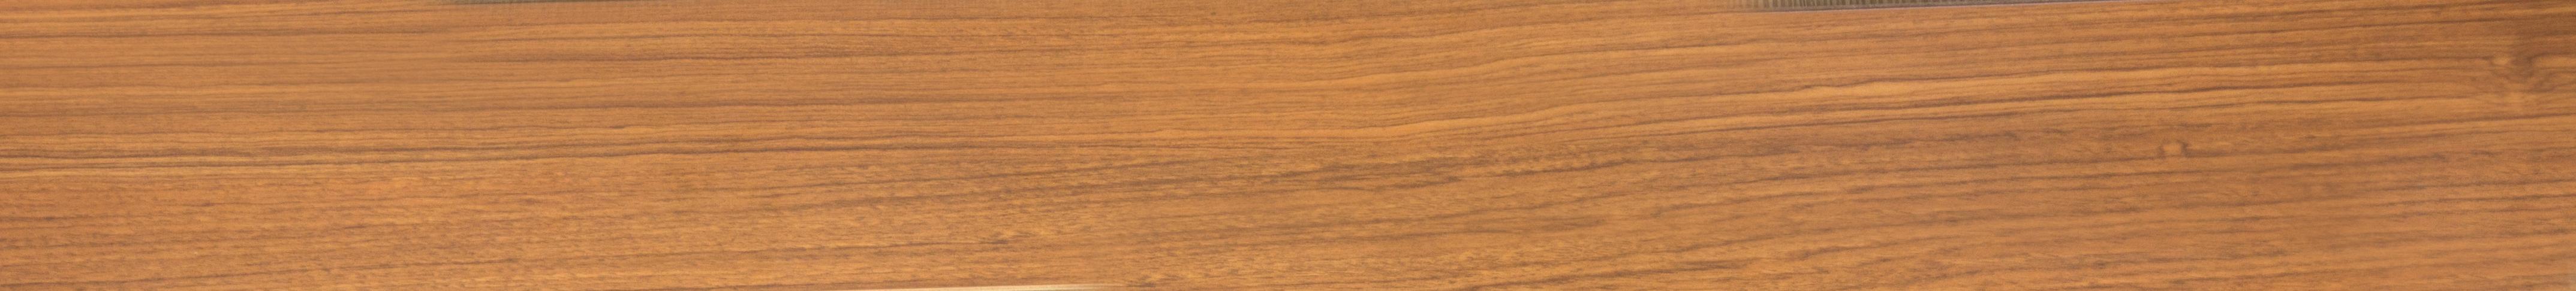 Teak Wooden Flooring Texture : Home > Wooden > Harvest Teak : Wooden Flooring